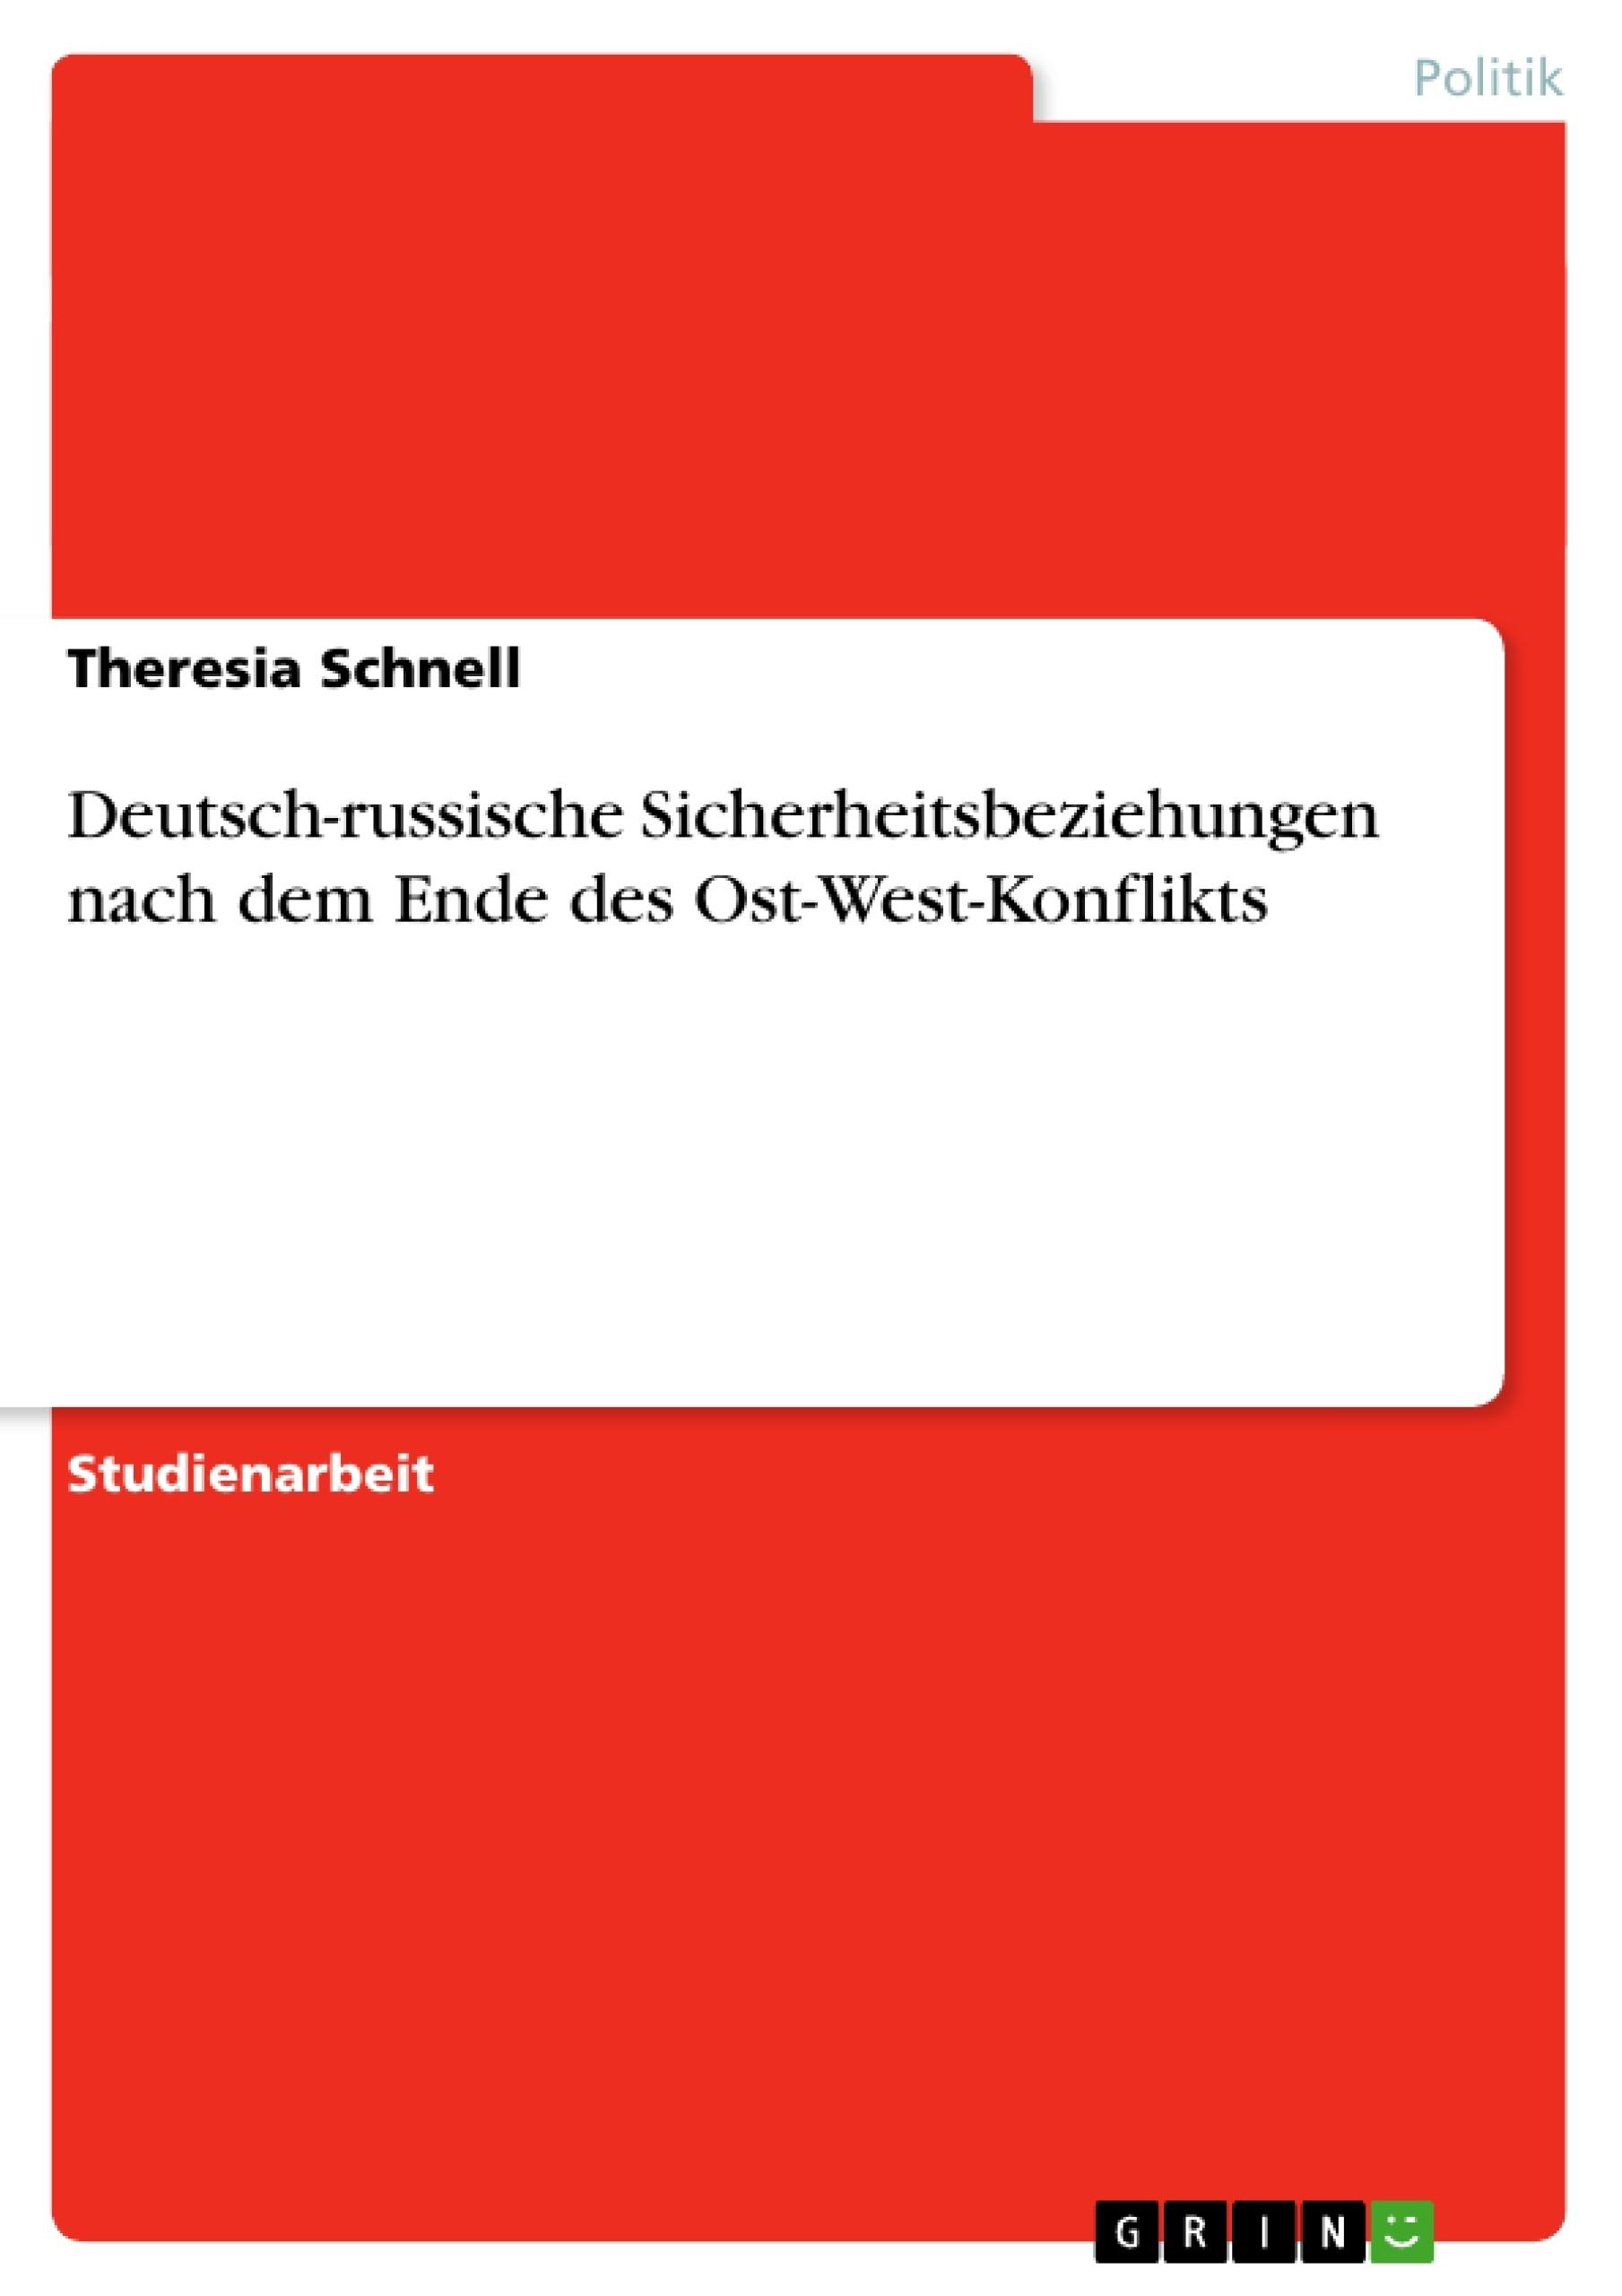 Titel: Deutsch-russische Sicherheitsbeziehungen nach dem Ende des Ost-West-Konflikts